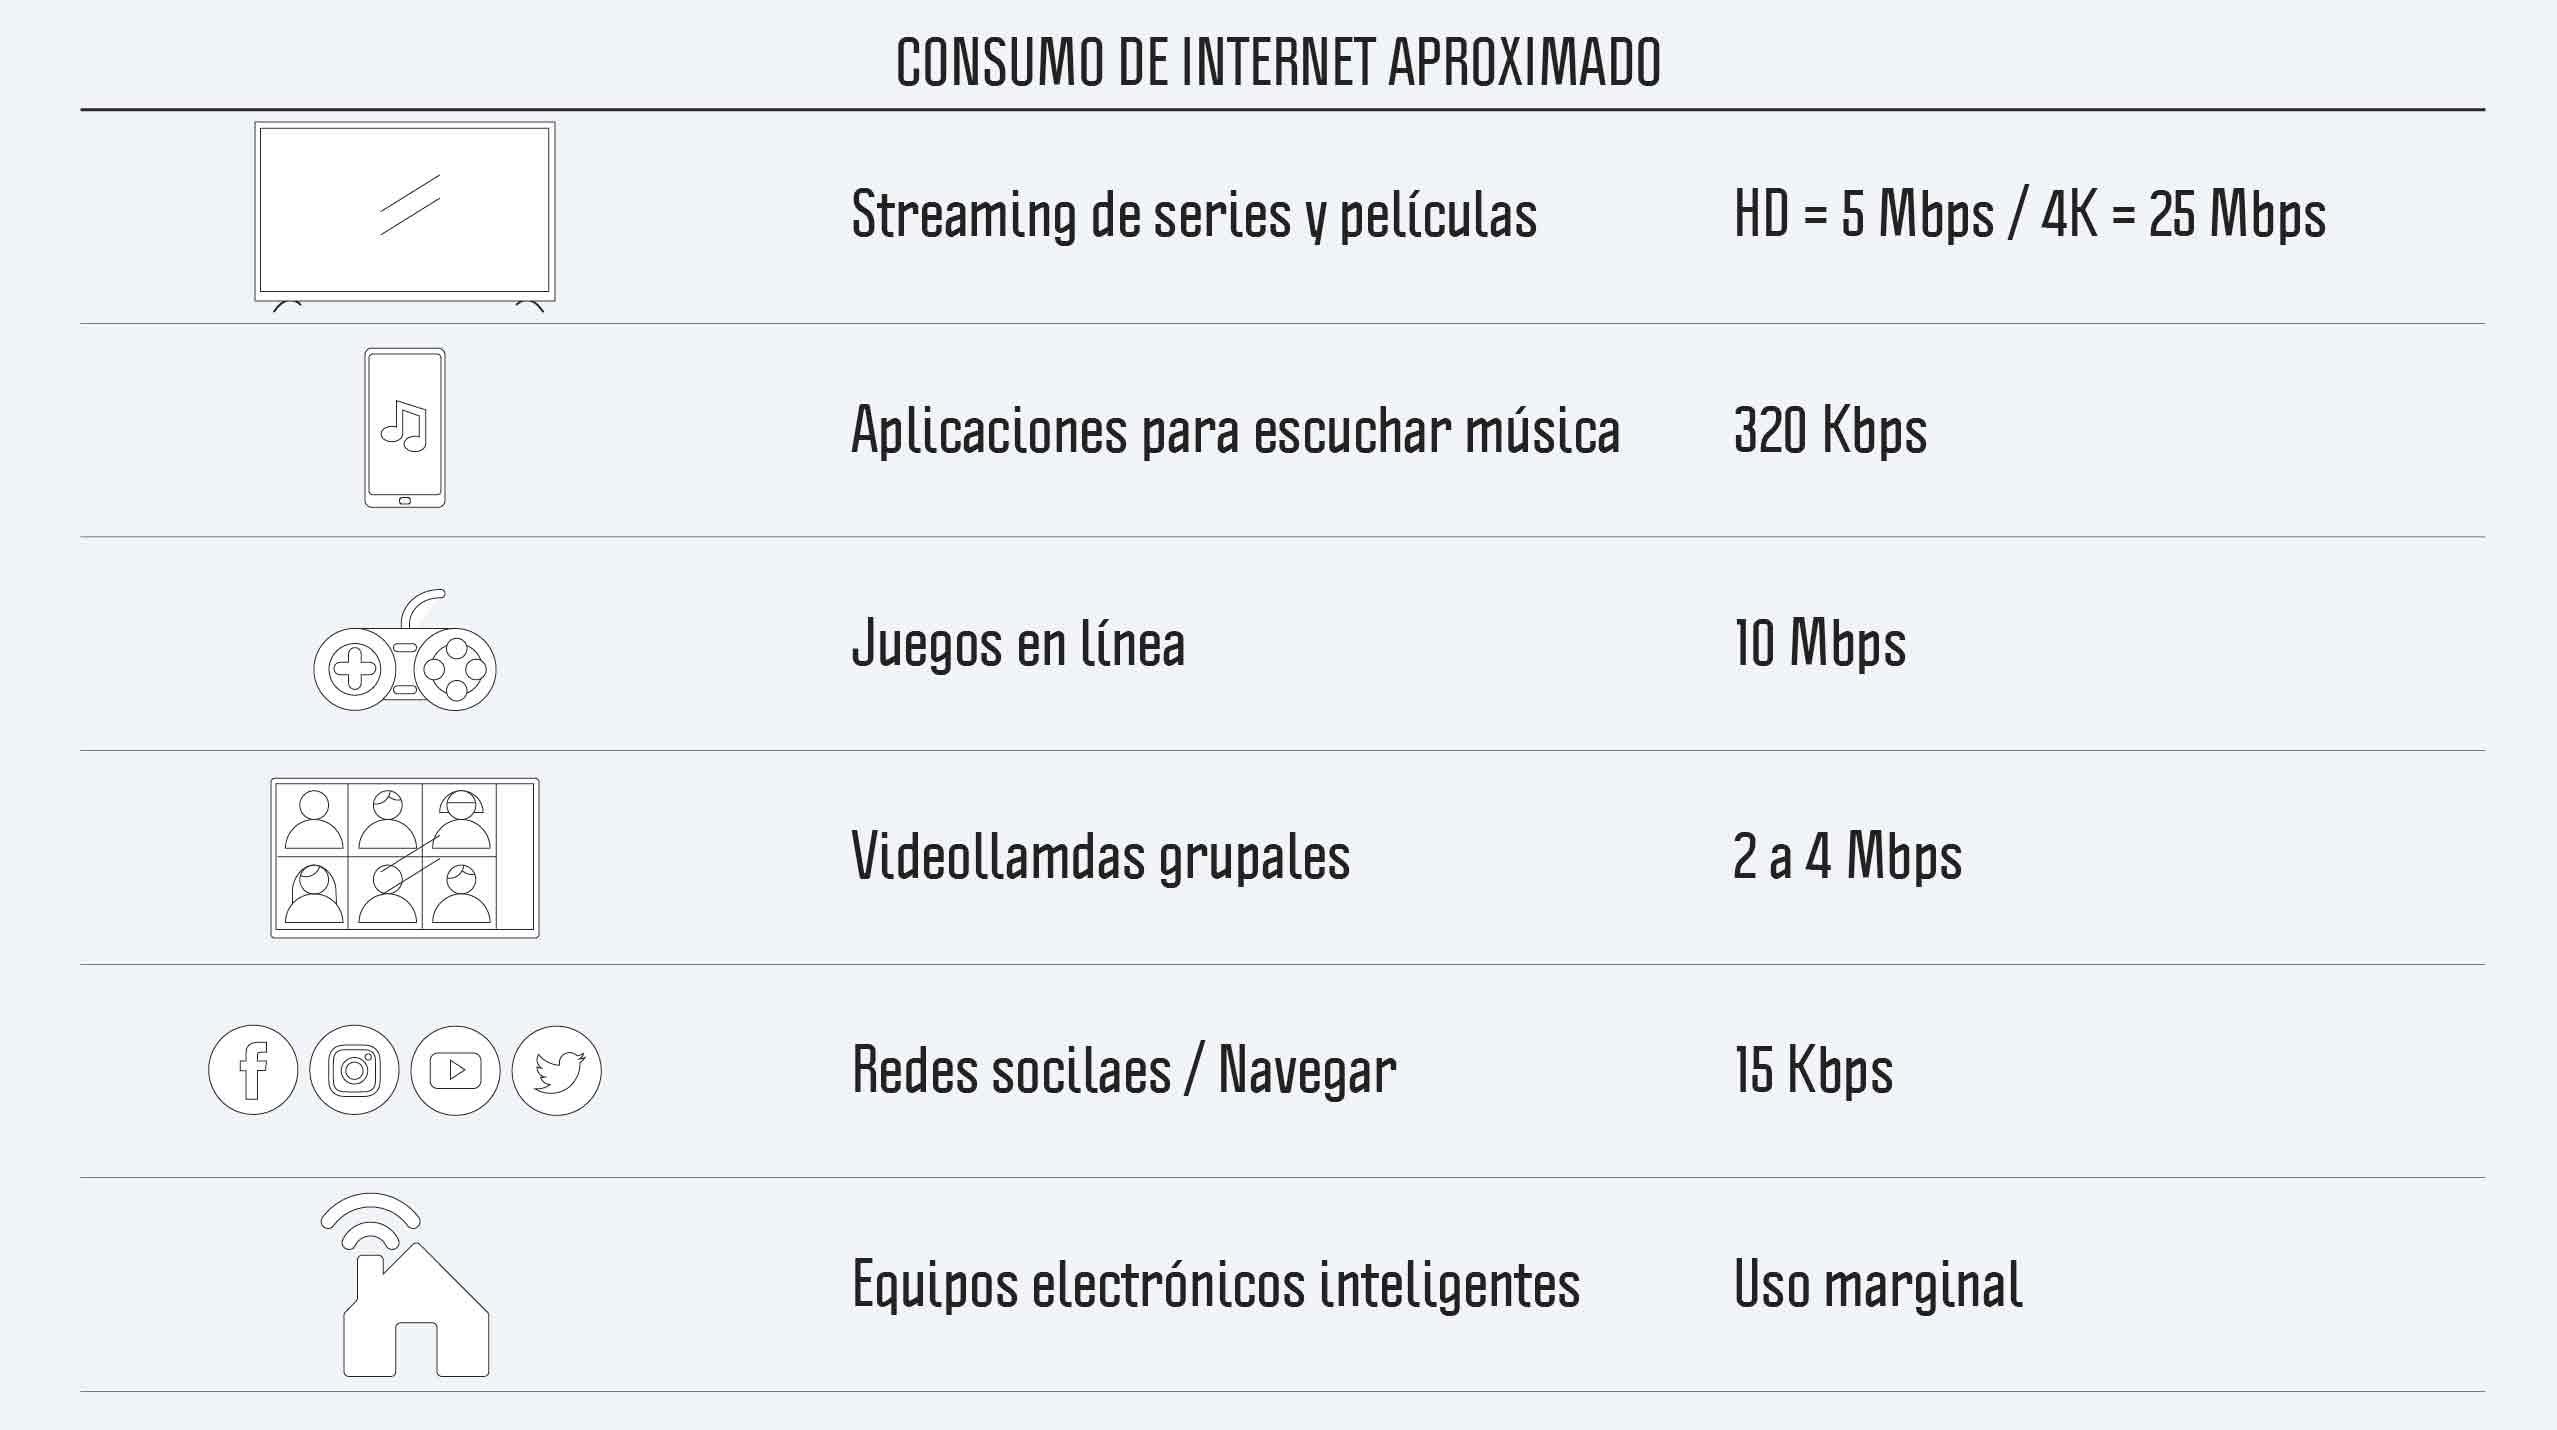 mejorar señal wifi - calcular volumen de internet aproximado